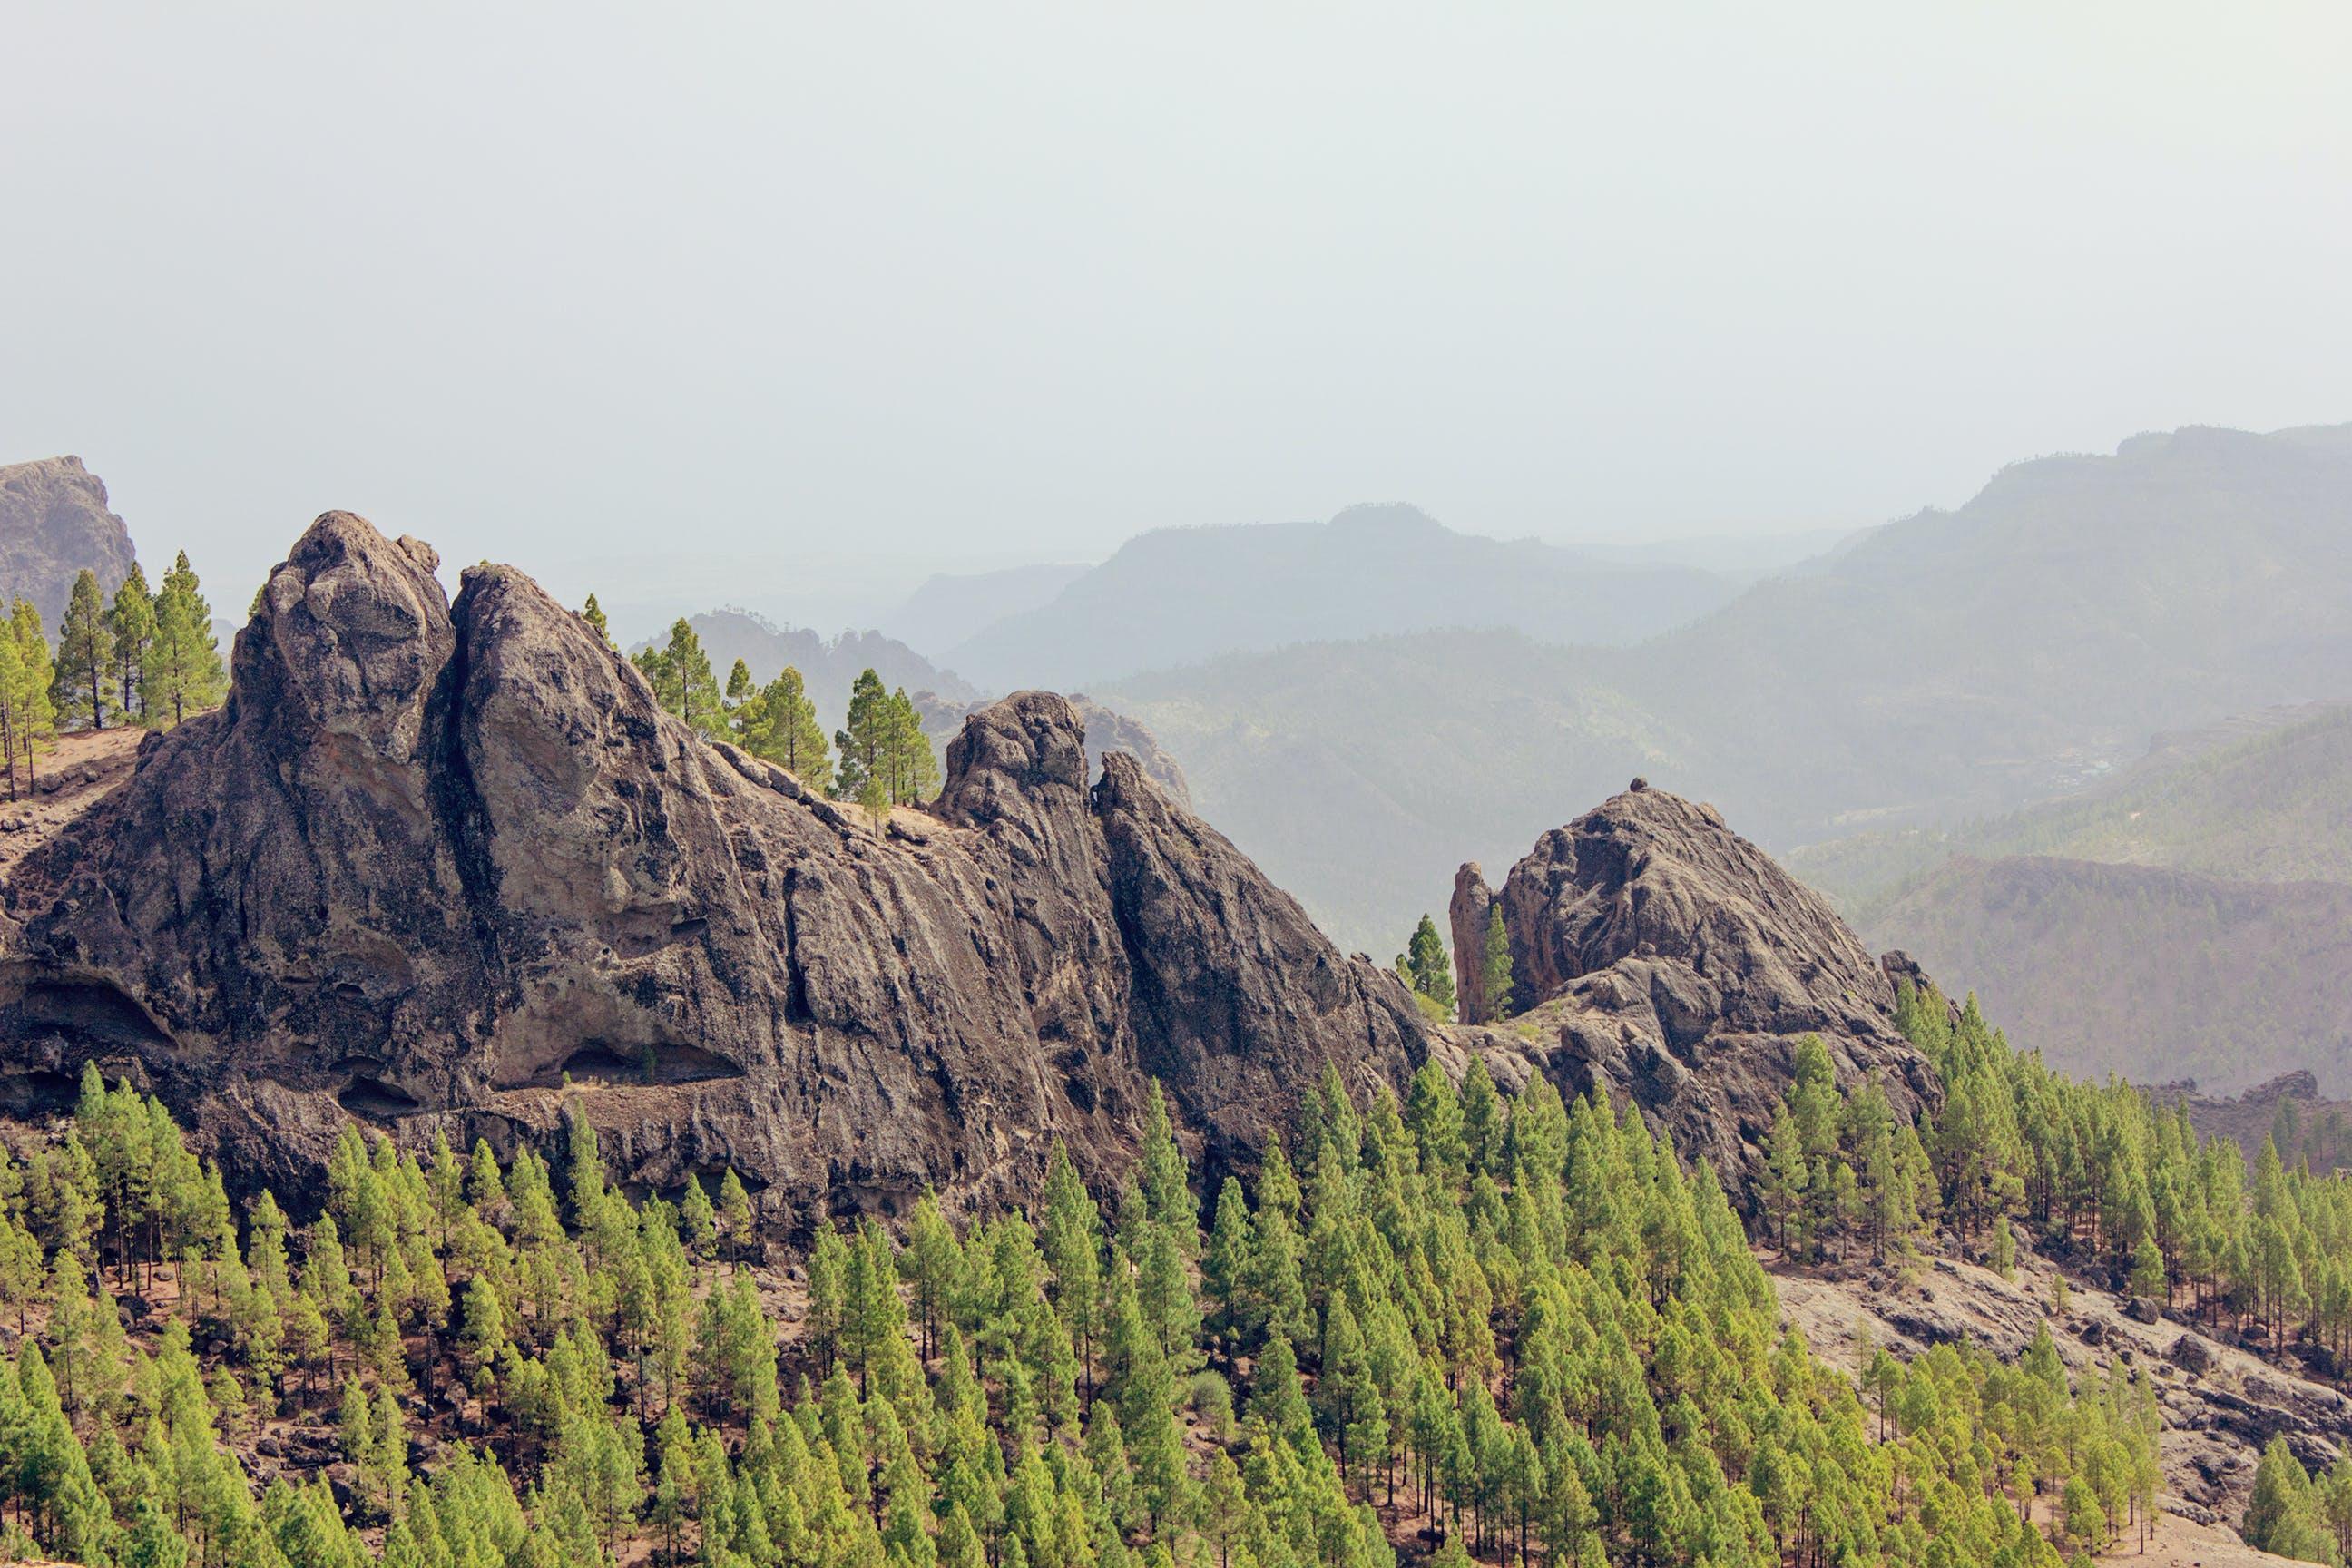 Gratis stockfoto met bergen, bergtop, bomen, bossen